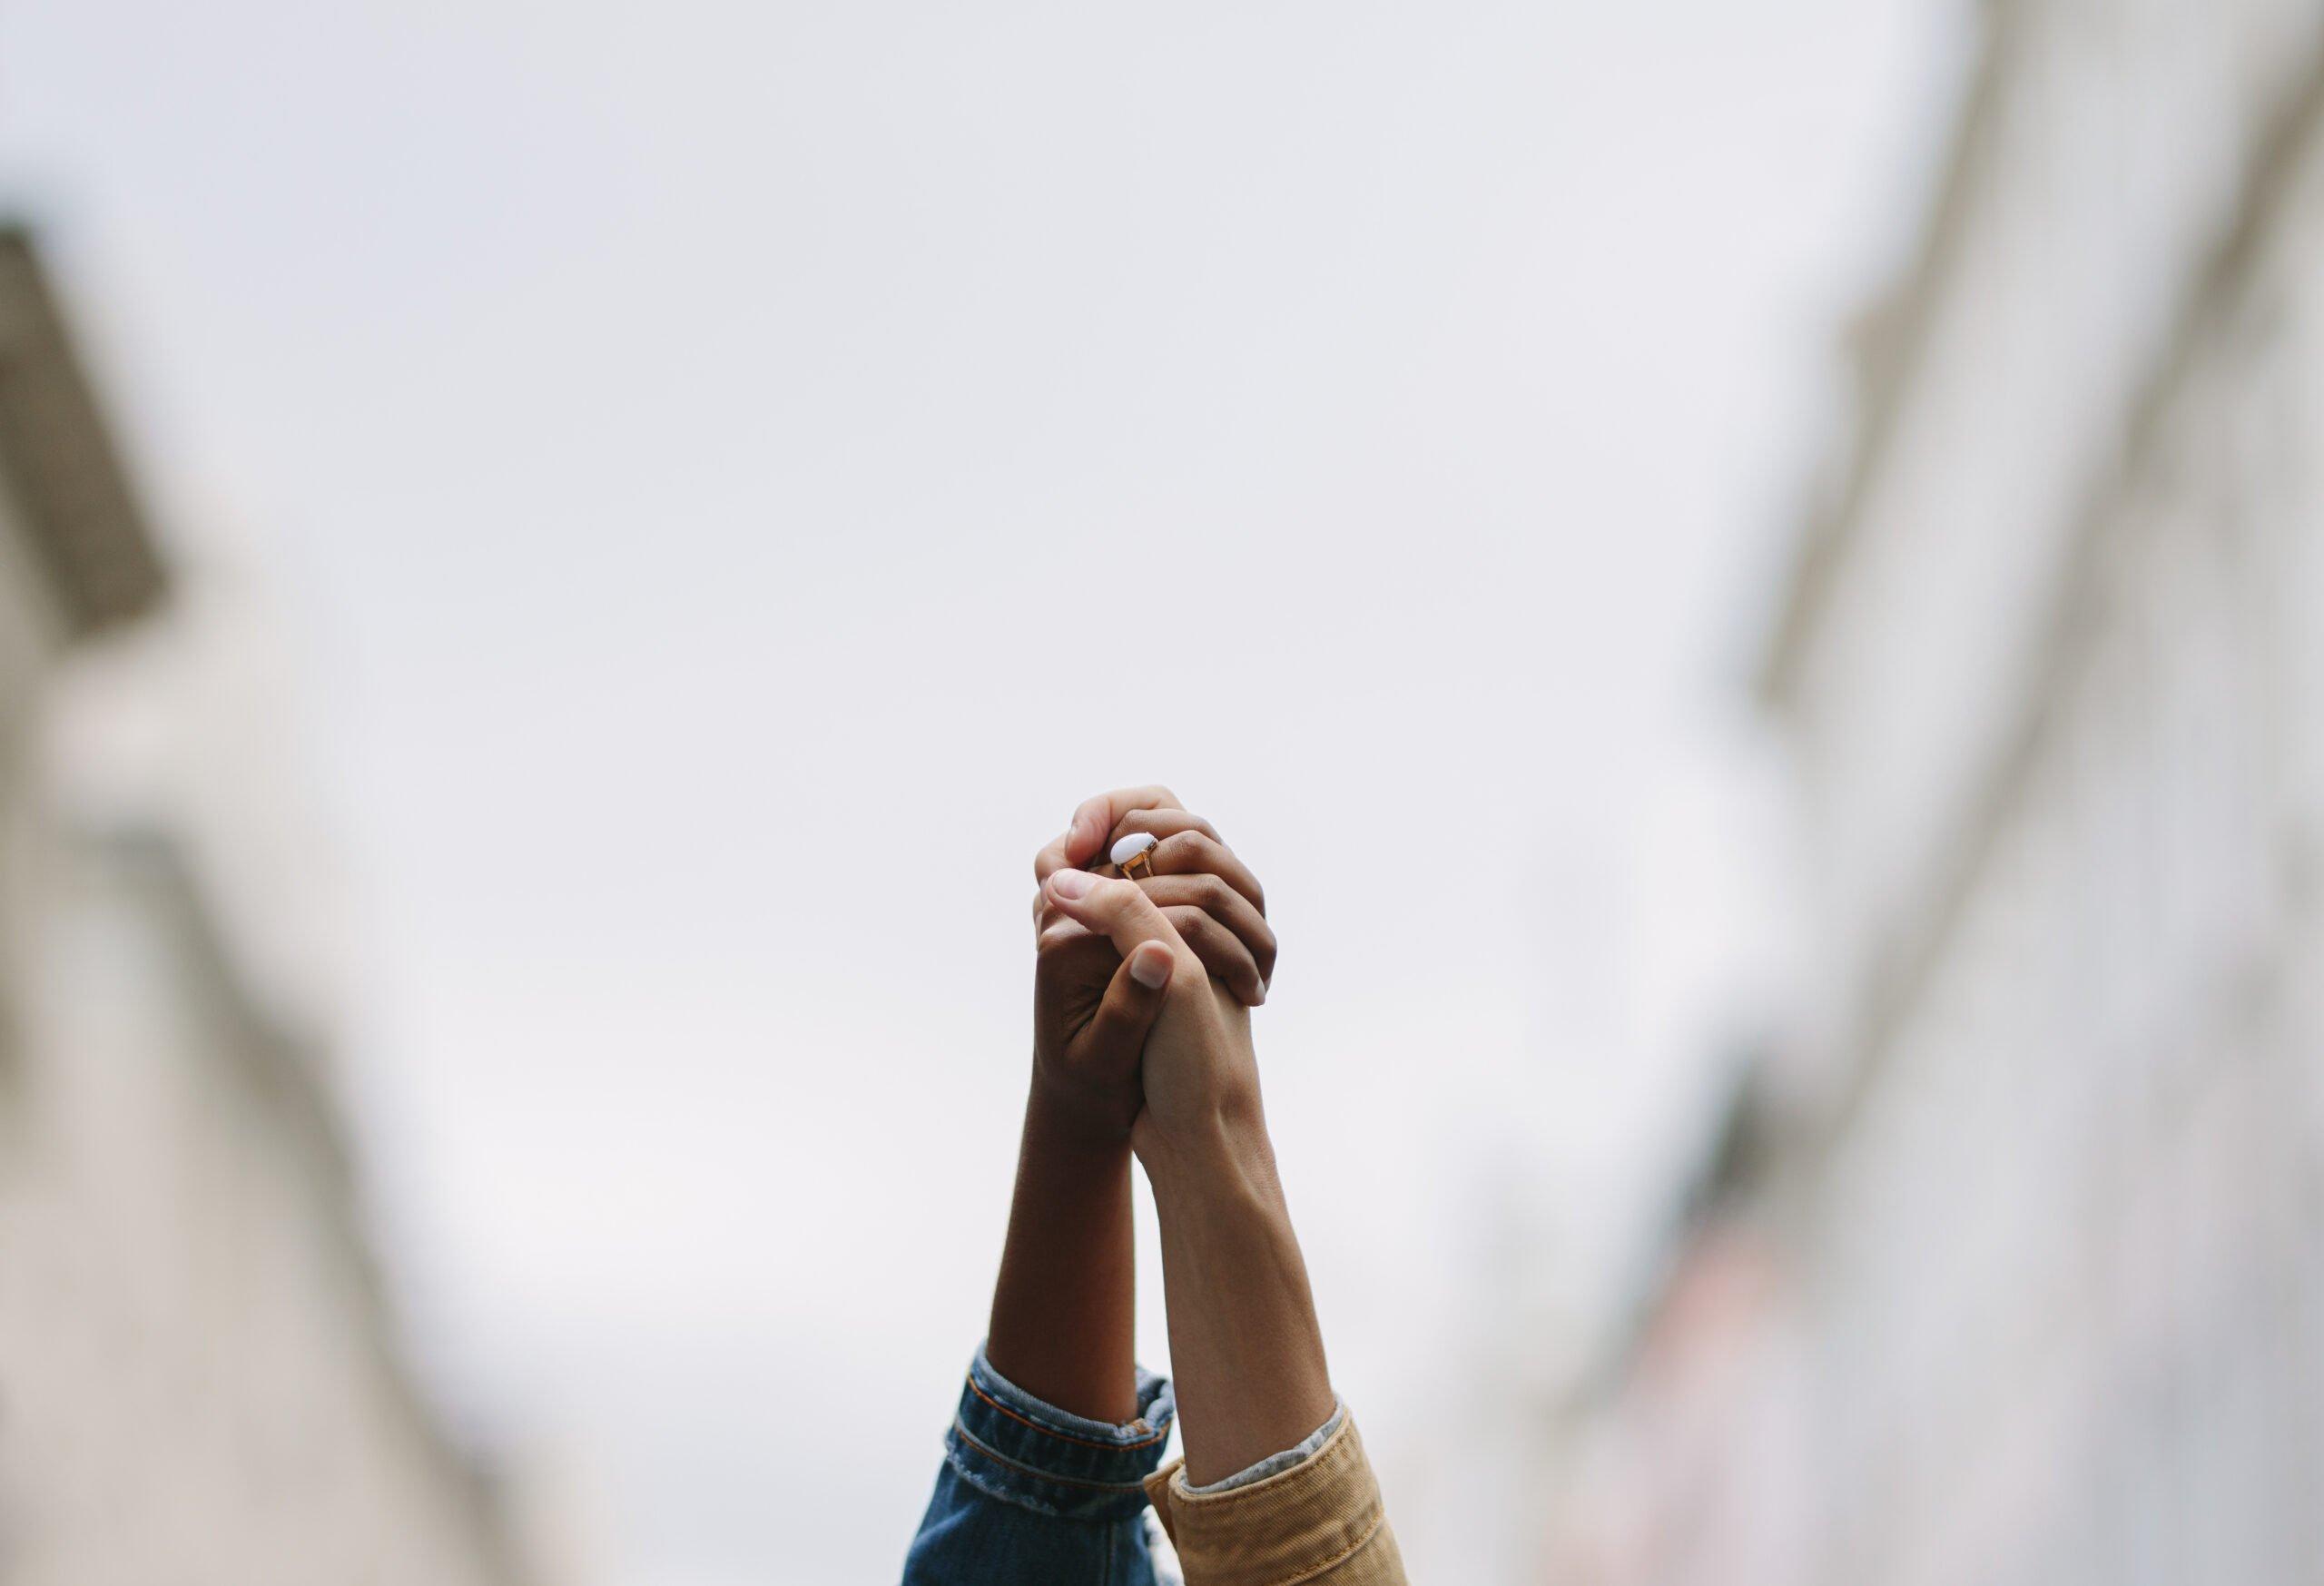 Foto mostra duas mãos erguidas juntas